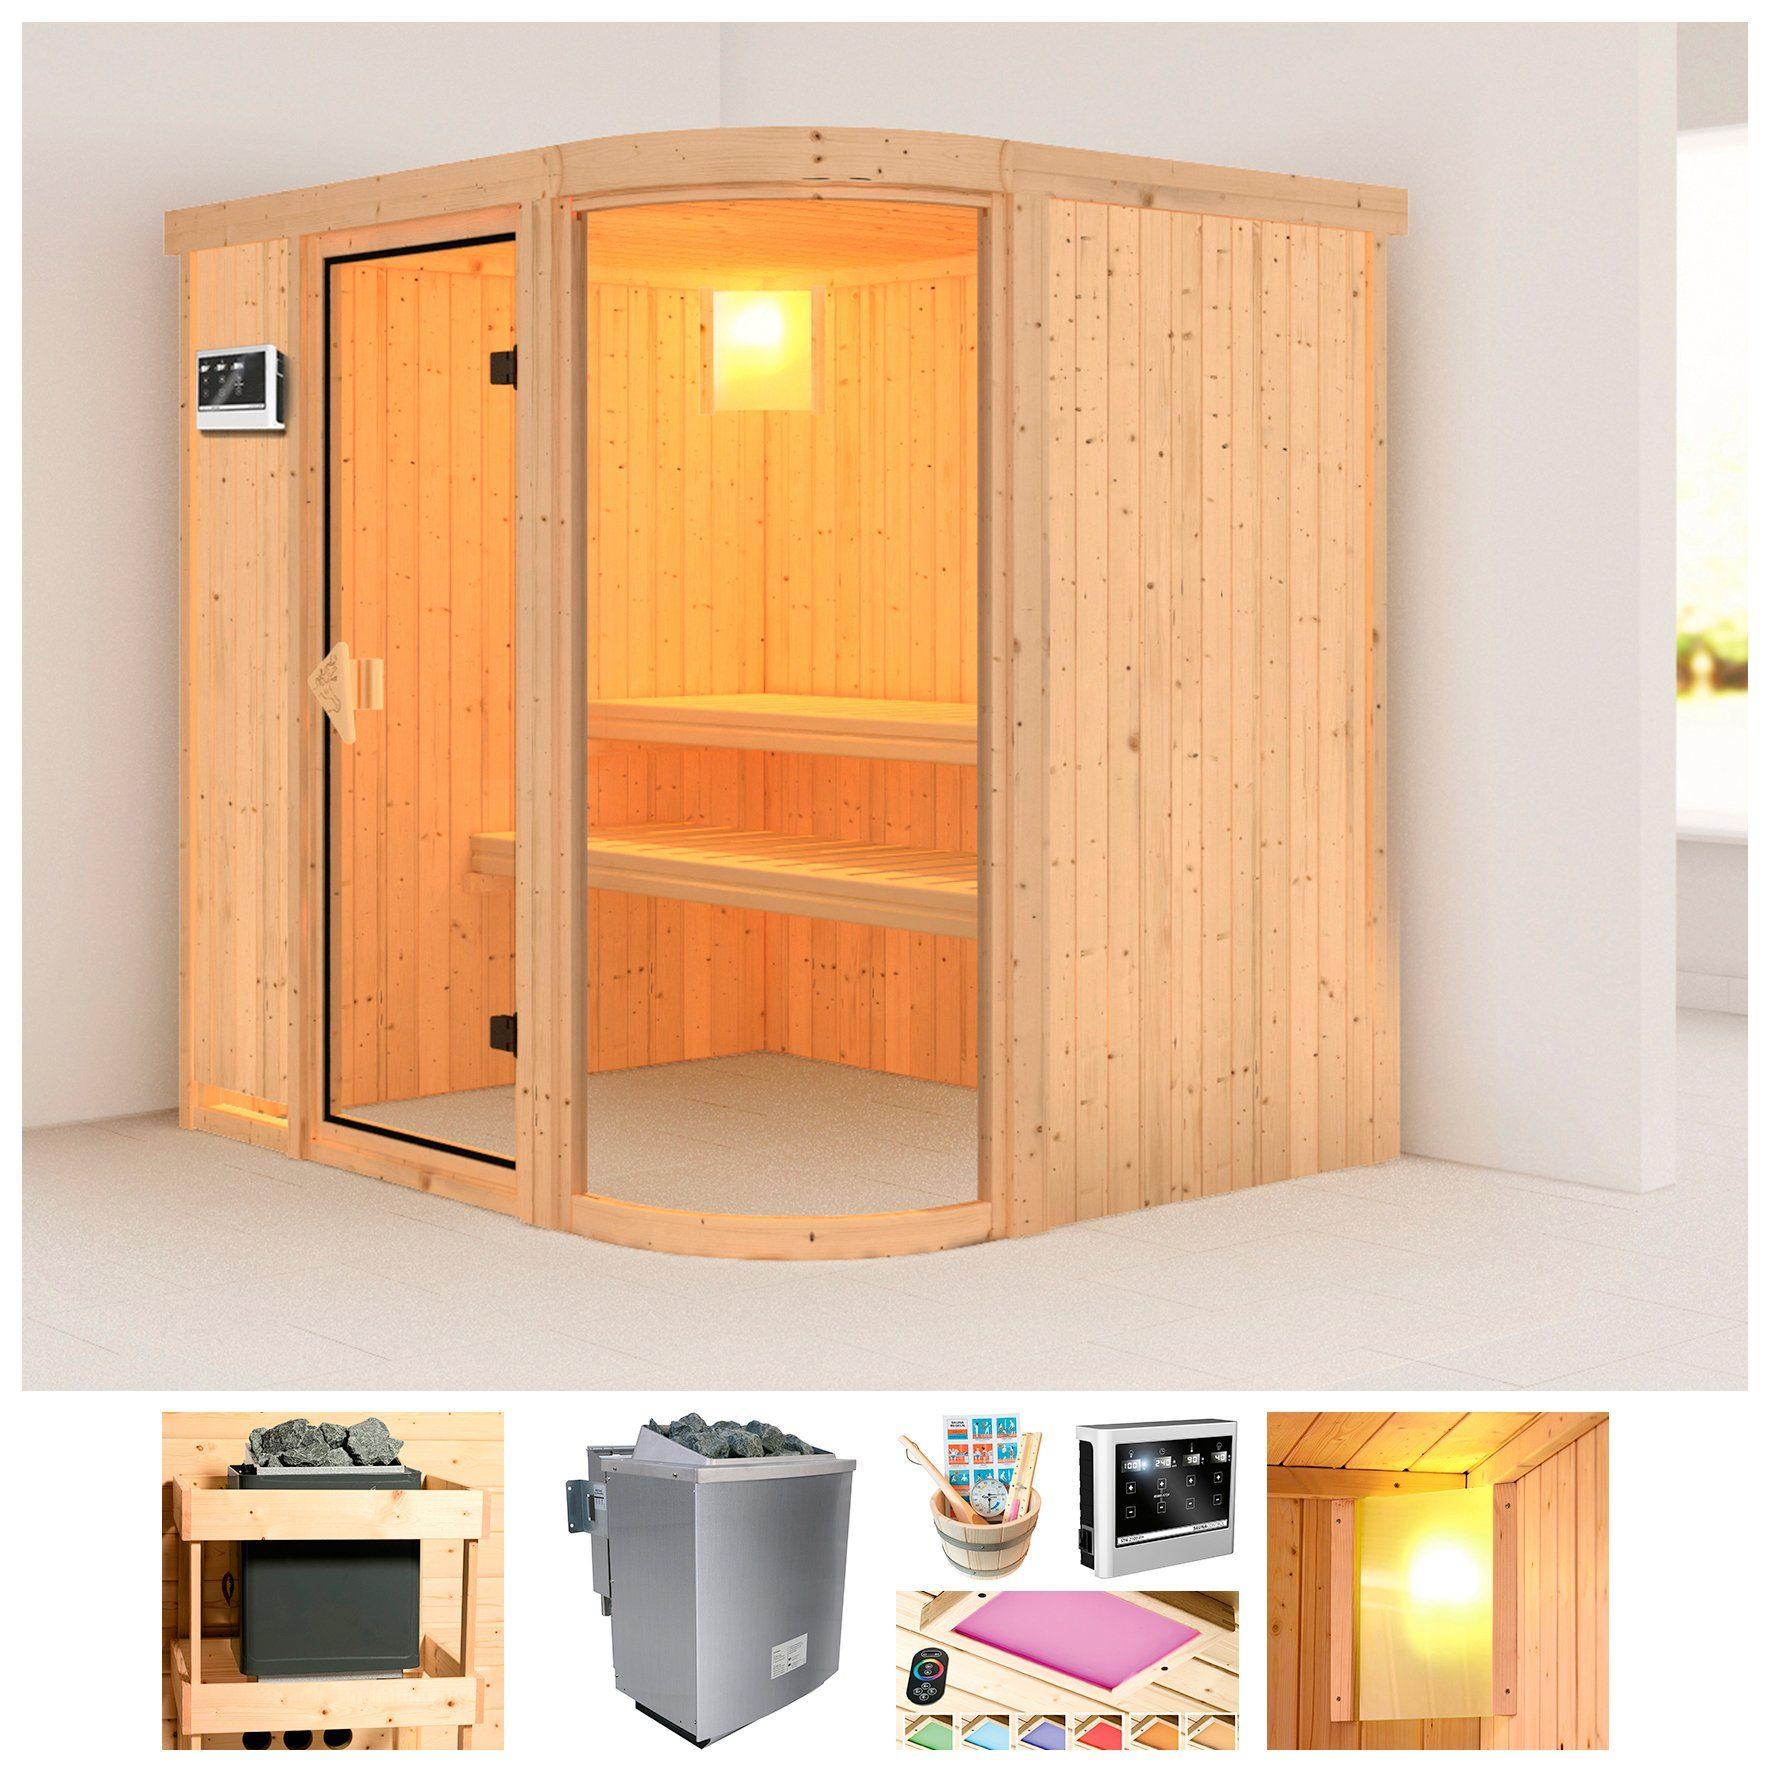 KONIFERA Sauna »Föhr«, BxTxH: 196x151x198 cm, 9 kW Ofen mit ext. Steuerung